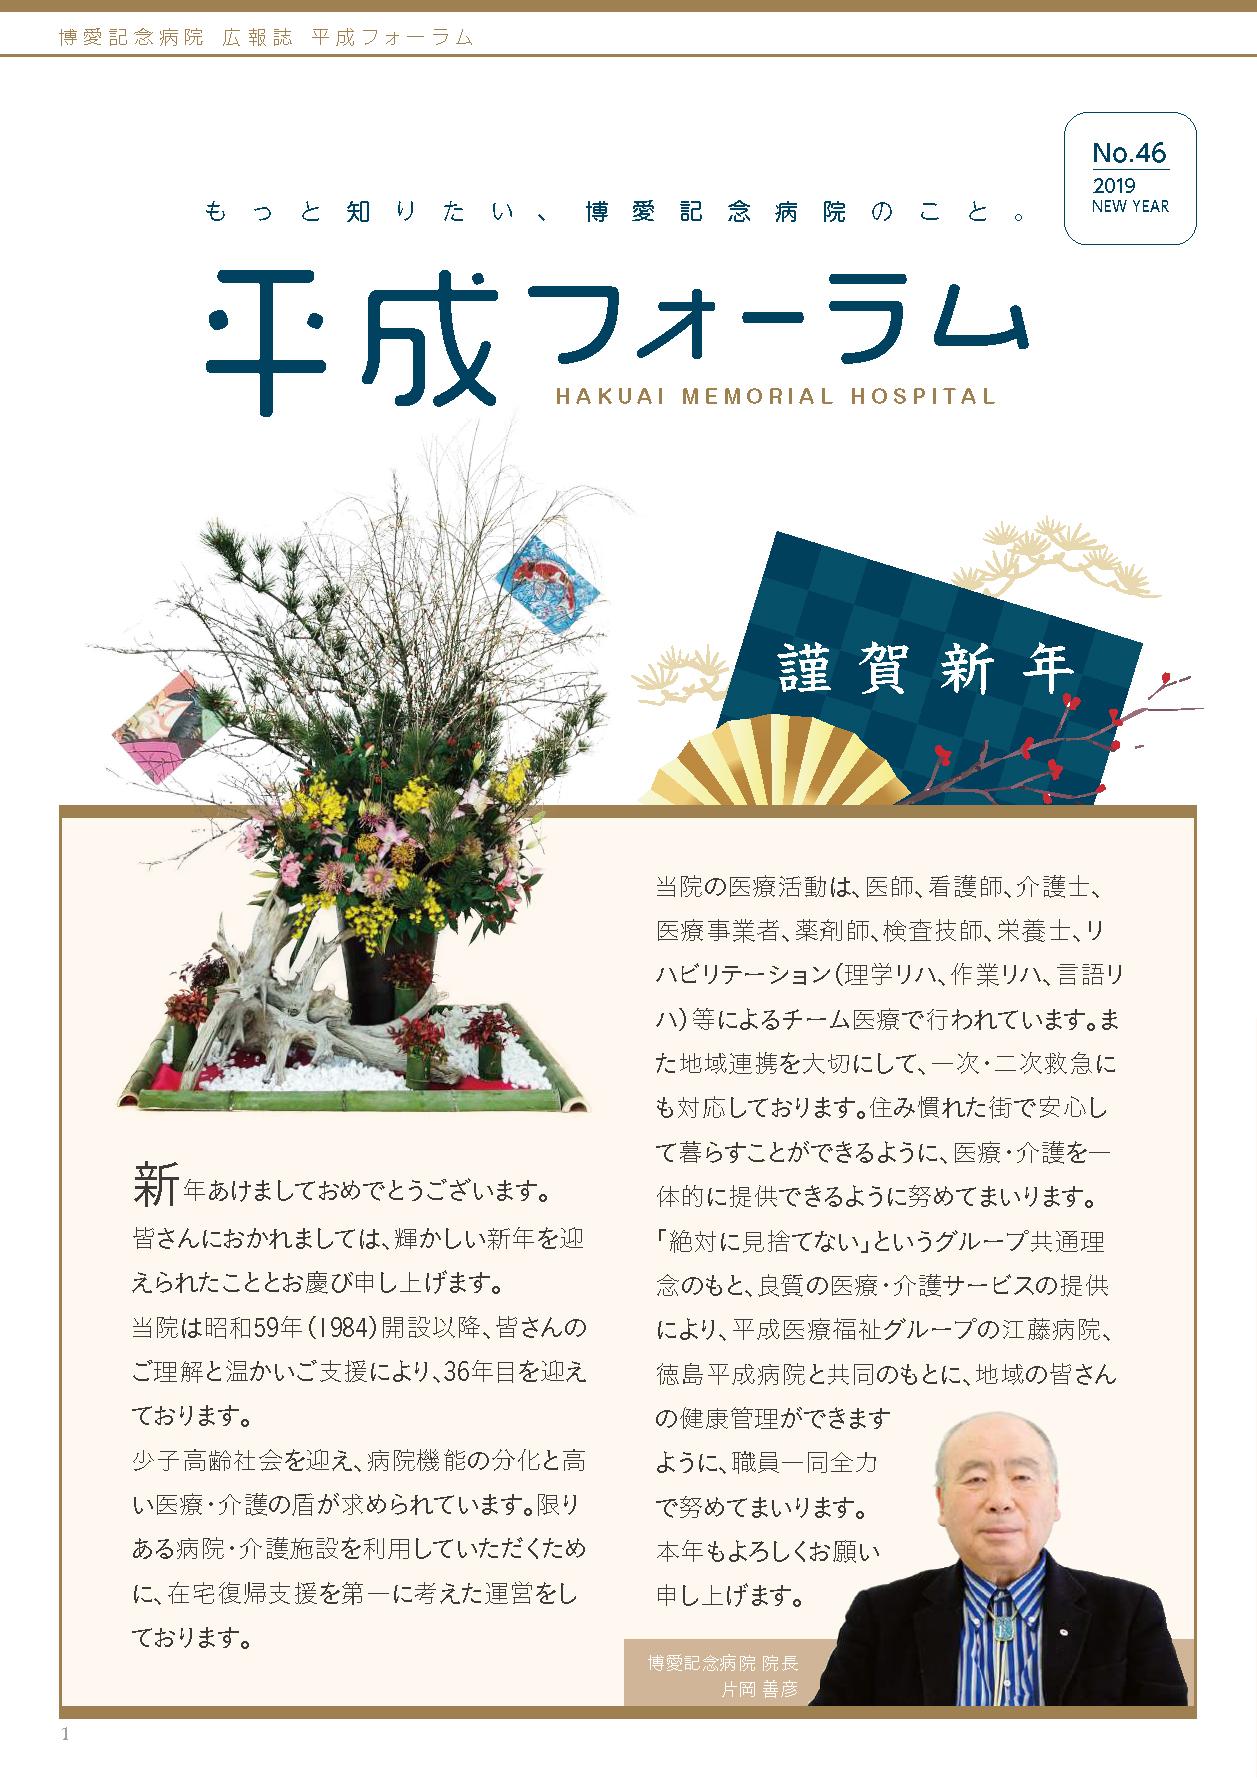 さくら Vol.46